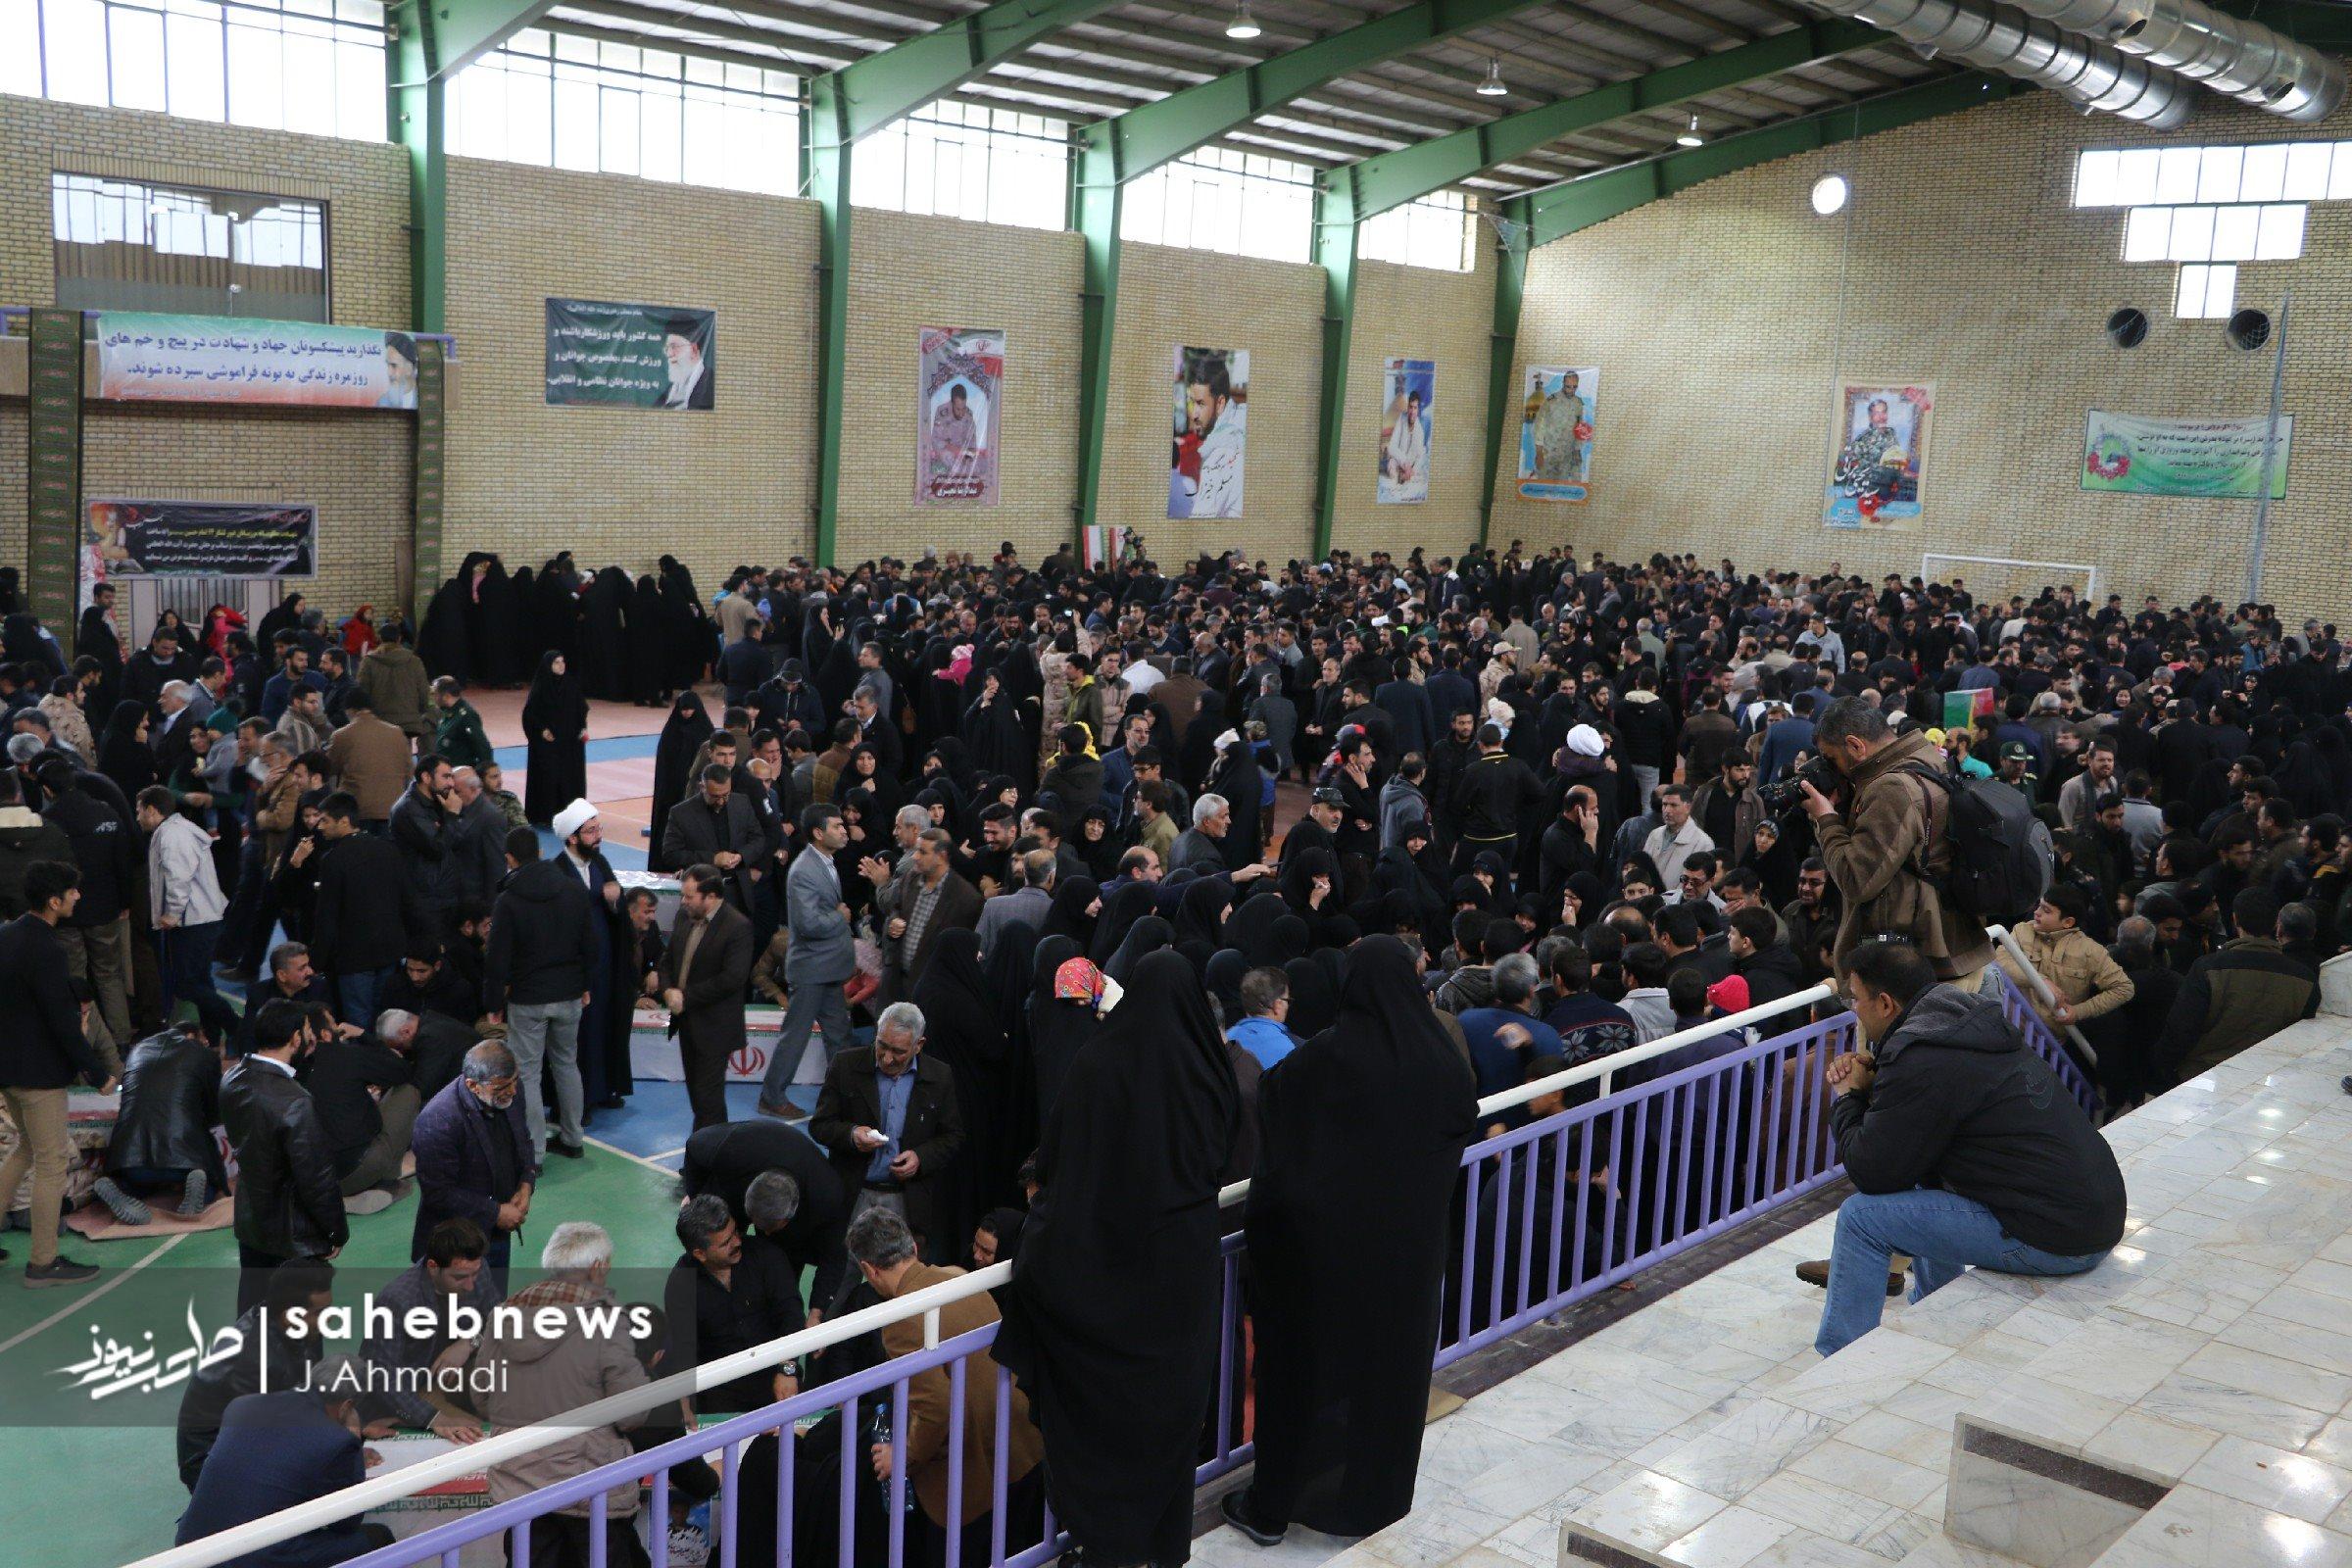 27 شهید حادثه تروریستی اصفهان (3)